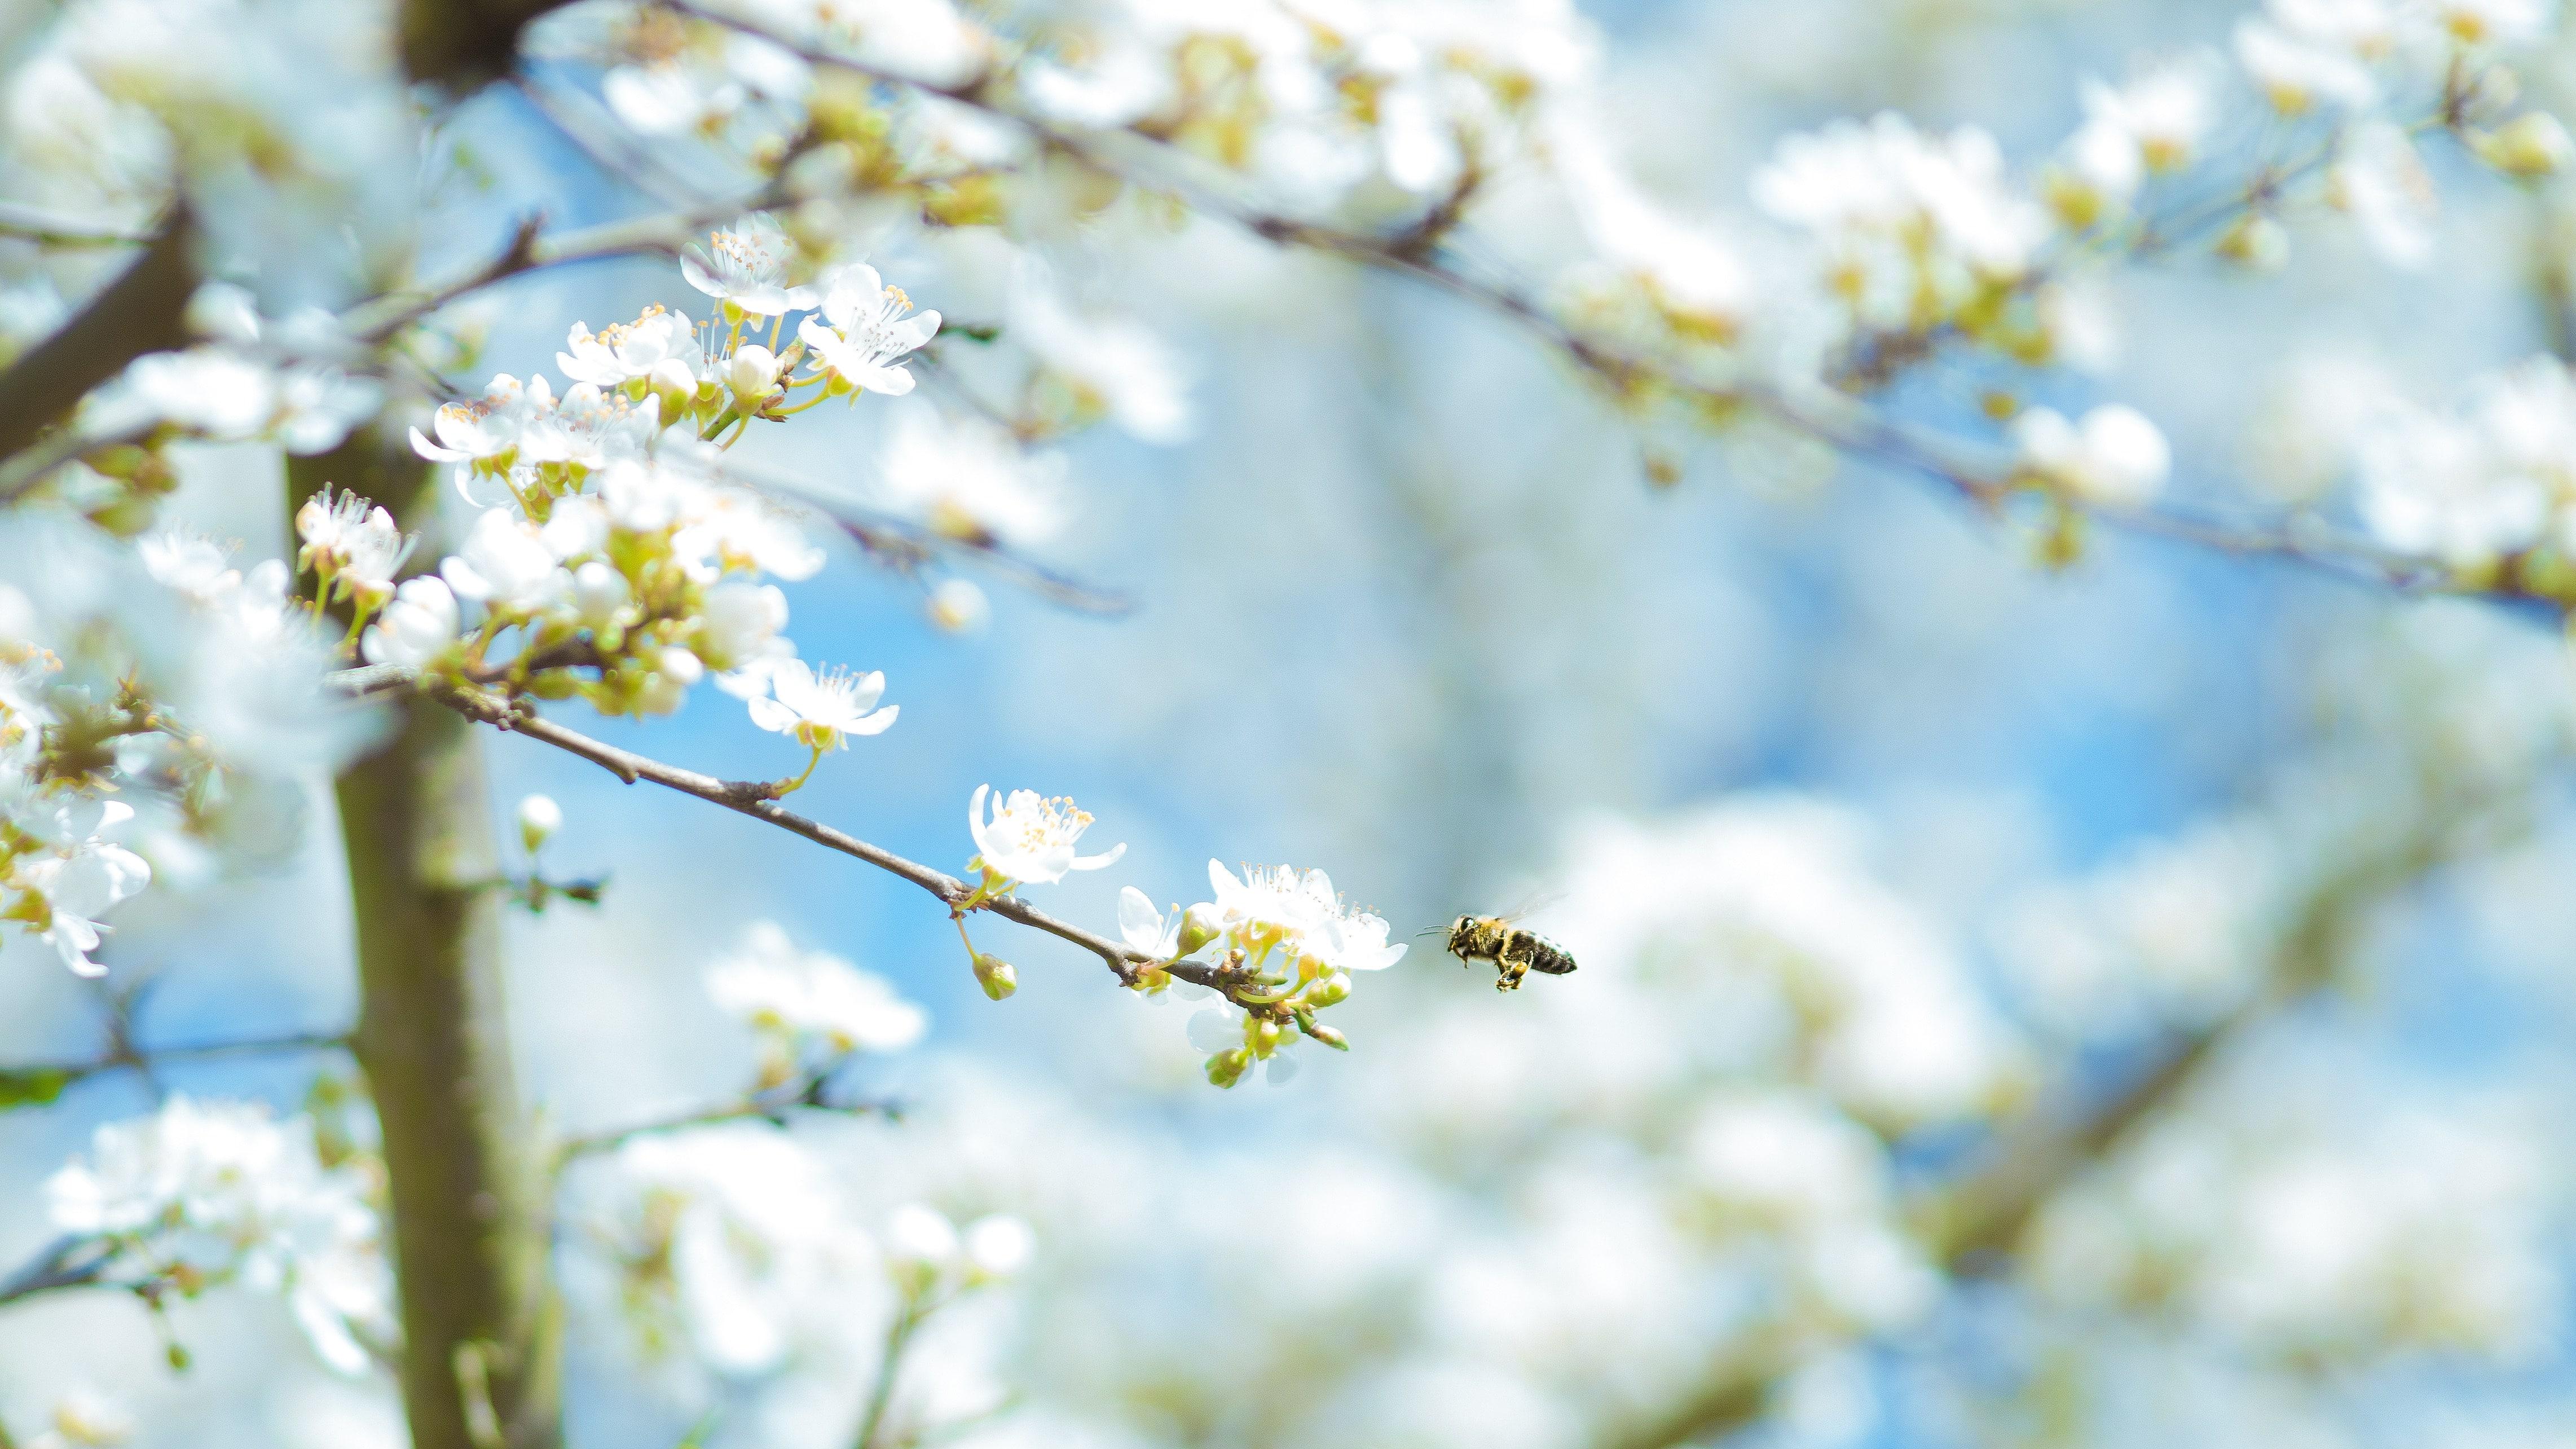 Ein blühender Baum mit Biene